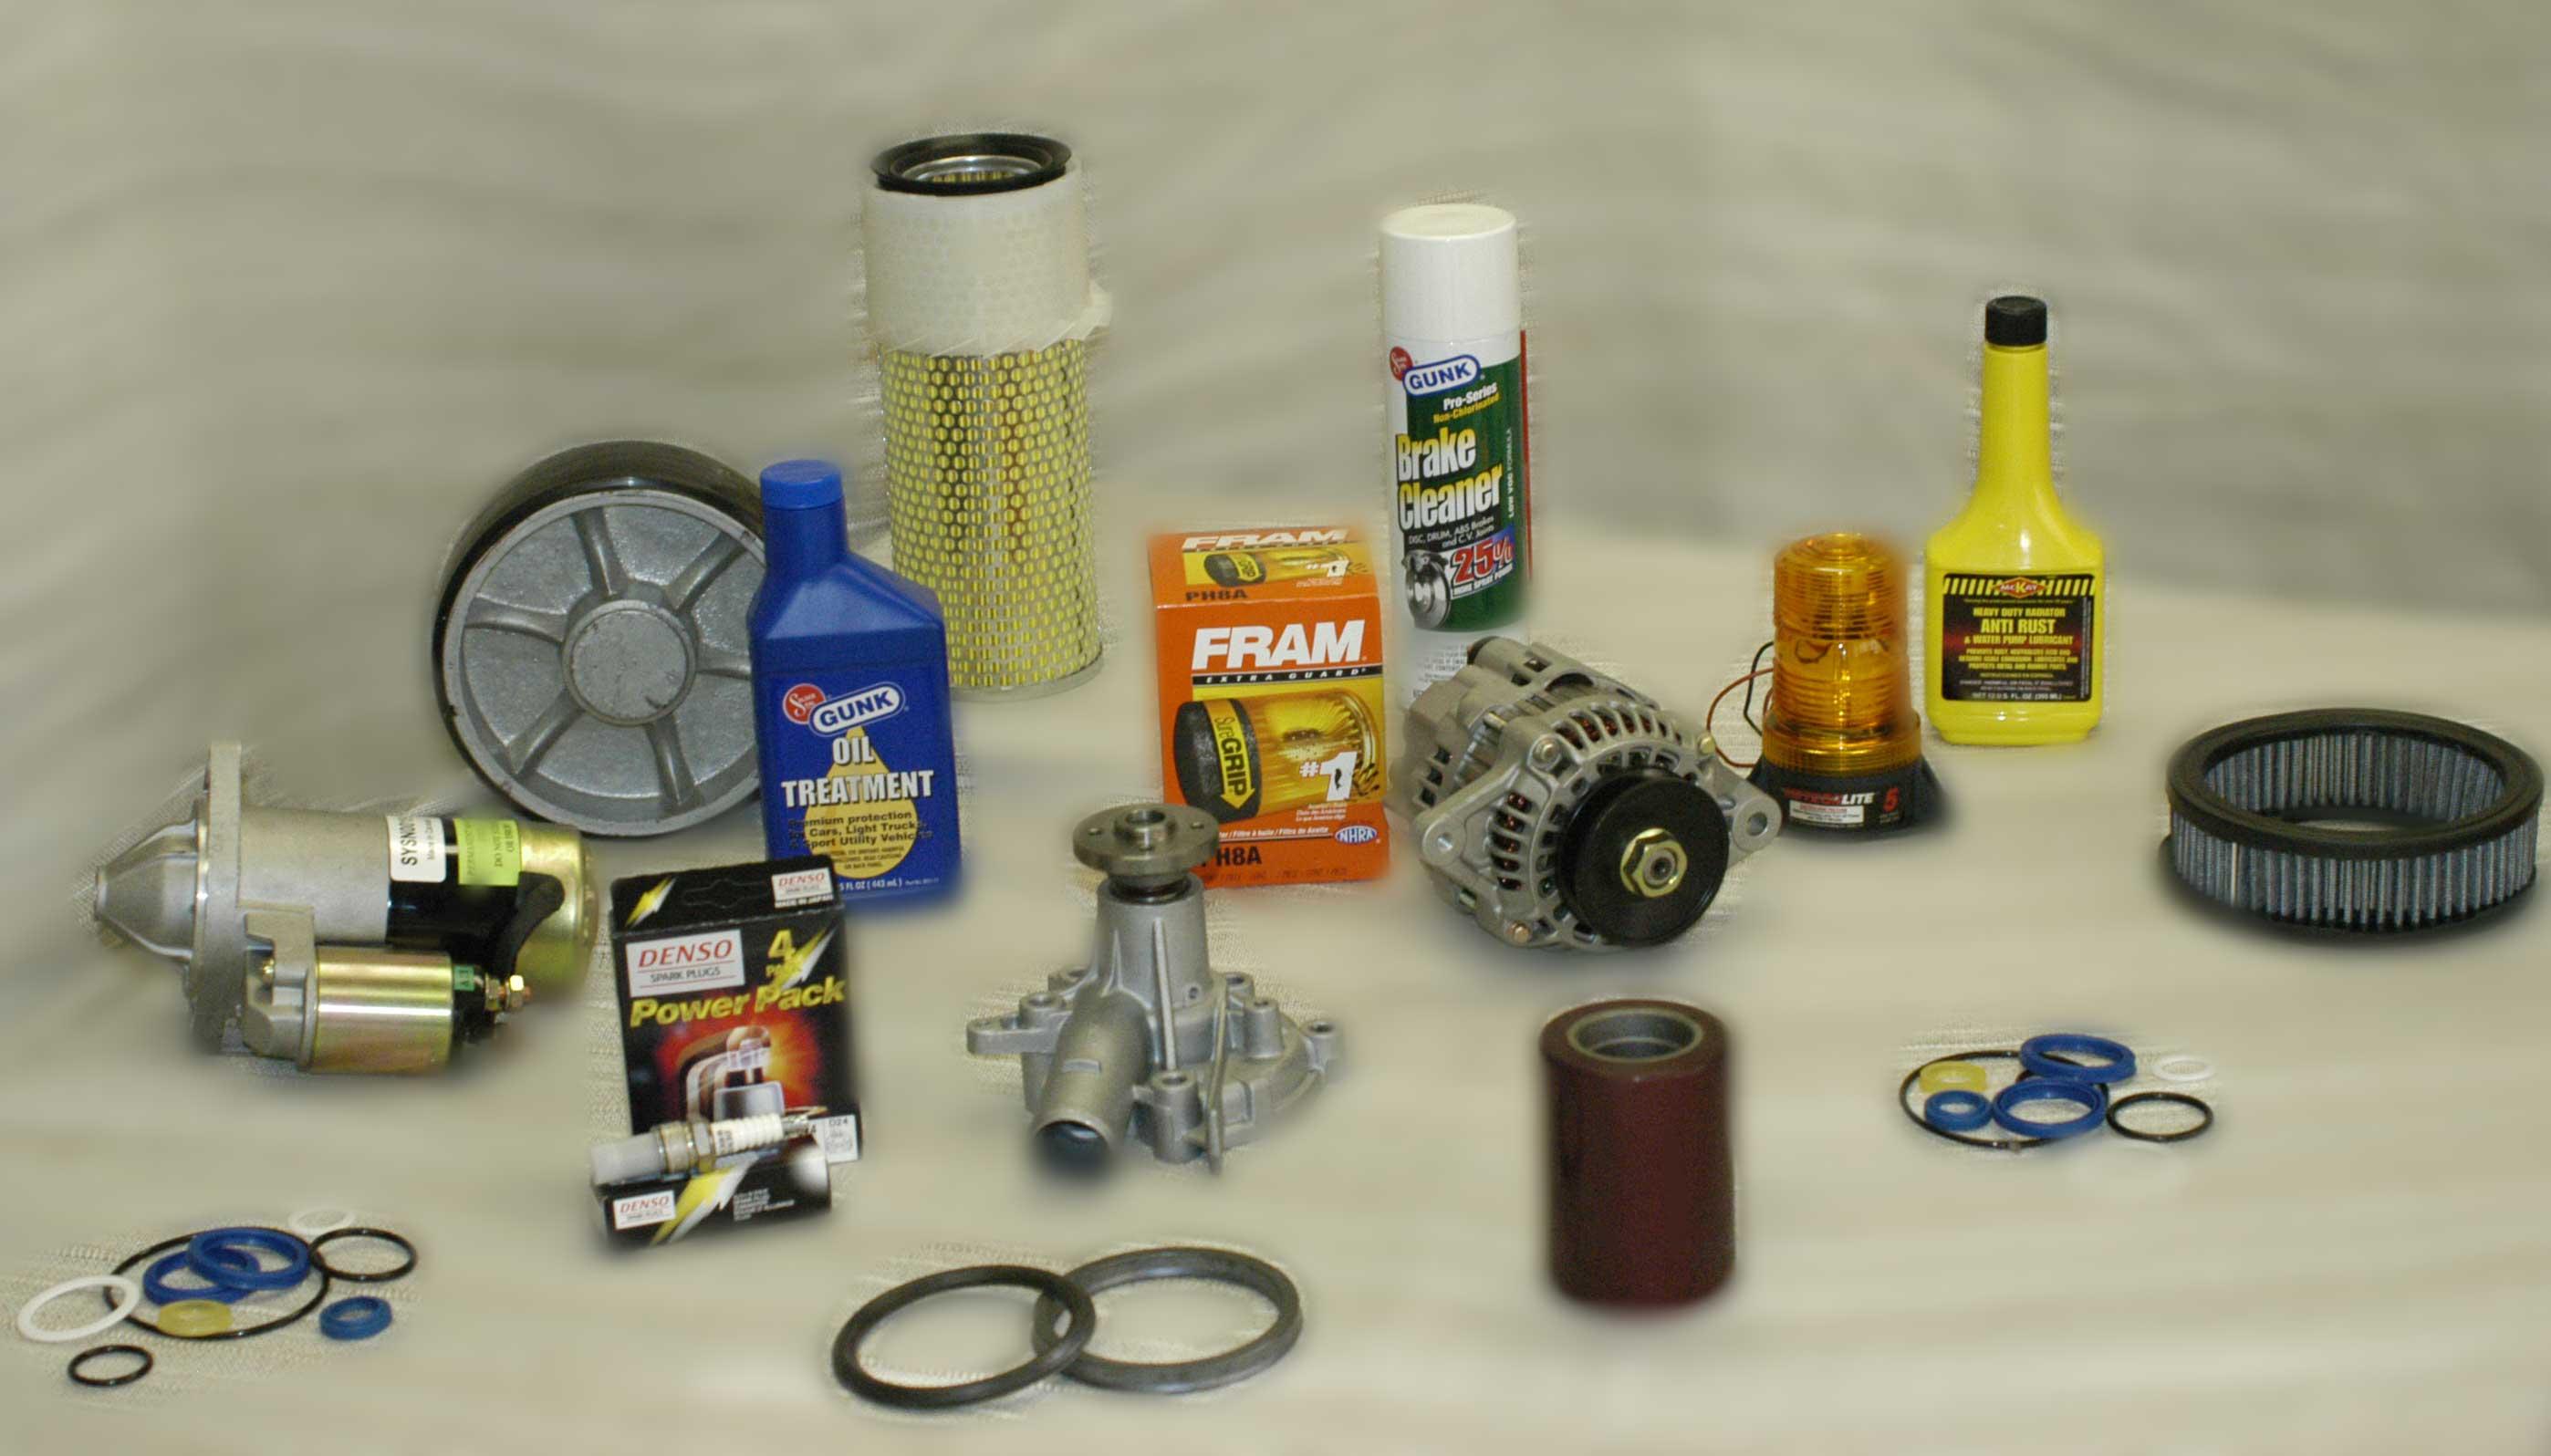 Forklift Parts And Pallet Jacks